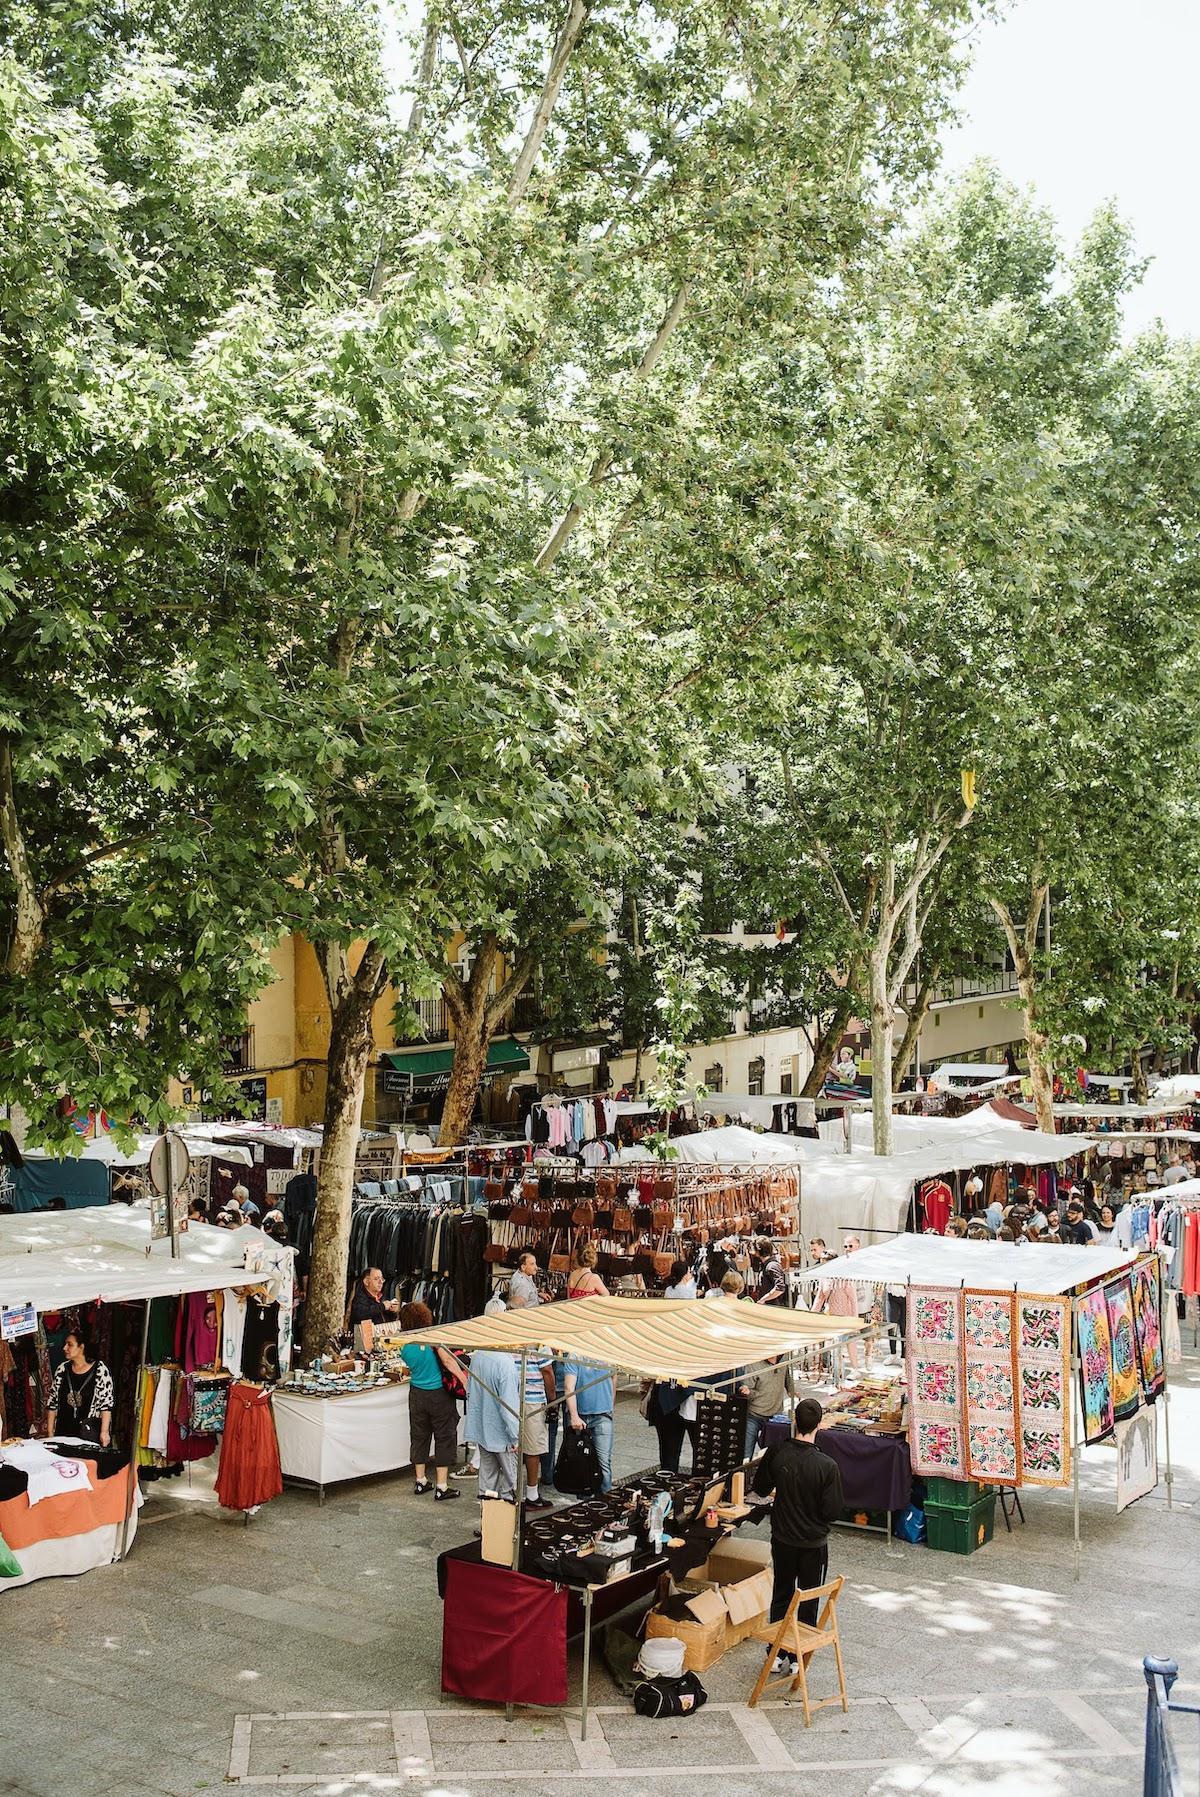 Puestos de mercado de pulgas bajo frondosos árboles verdes.